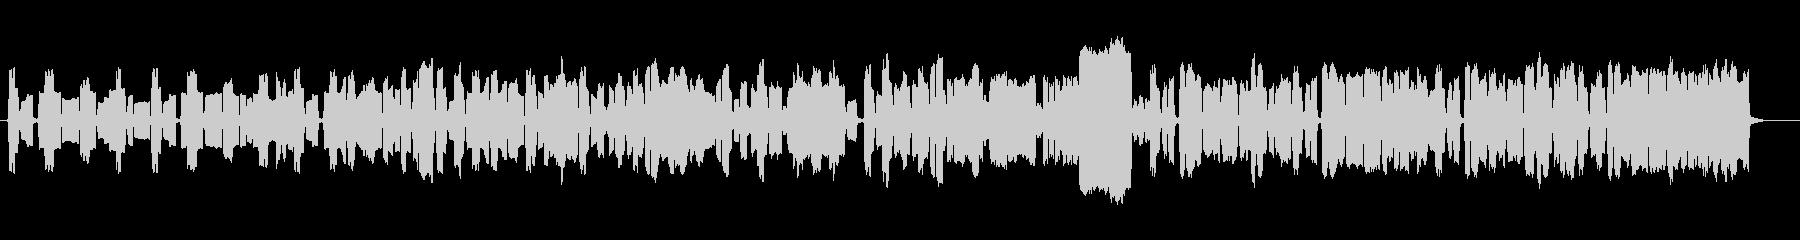 フルートクラリネットバスーン陽気な三重奏の未再生の波形